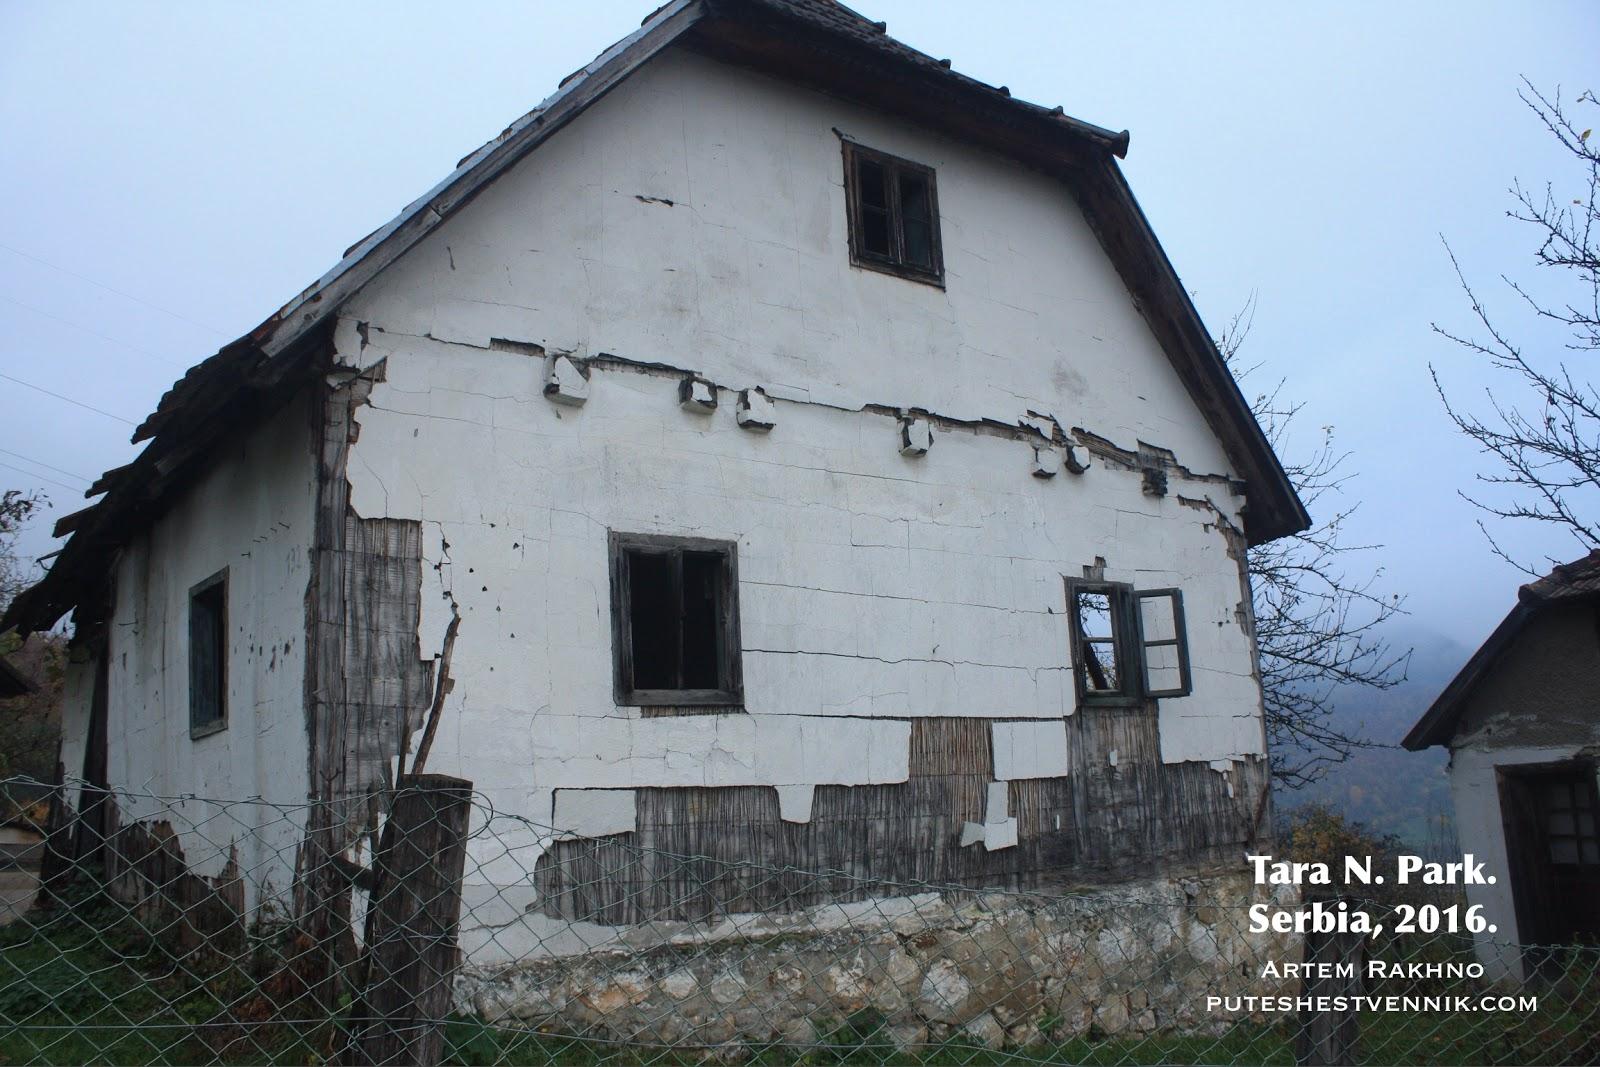 Заброшенный дом в Сербии